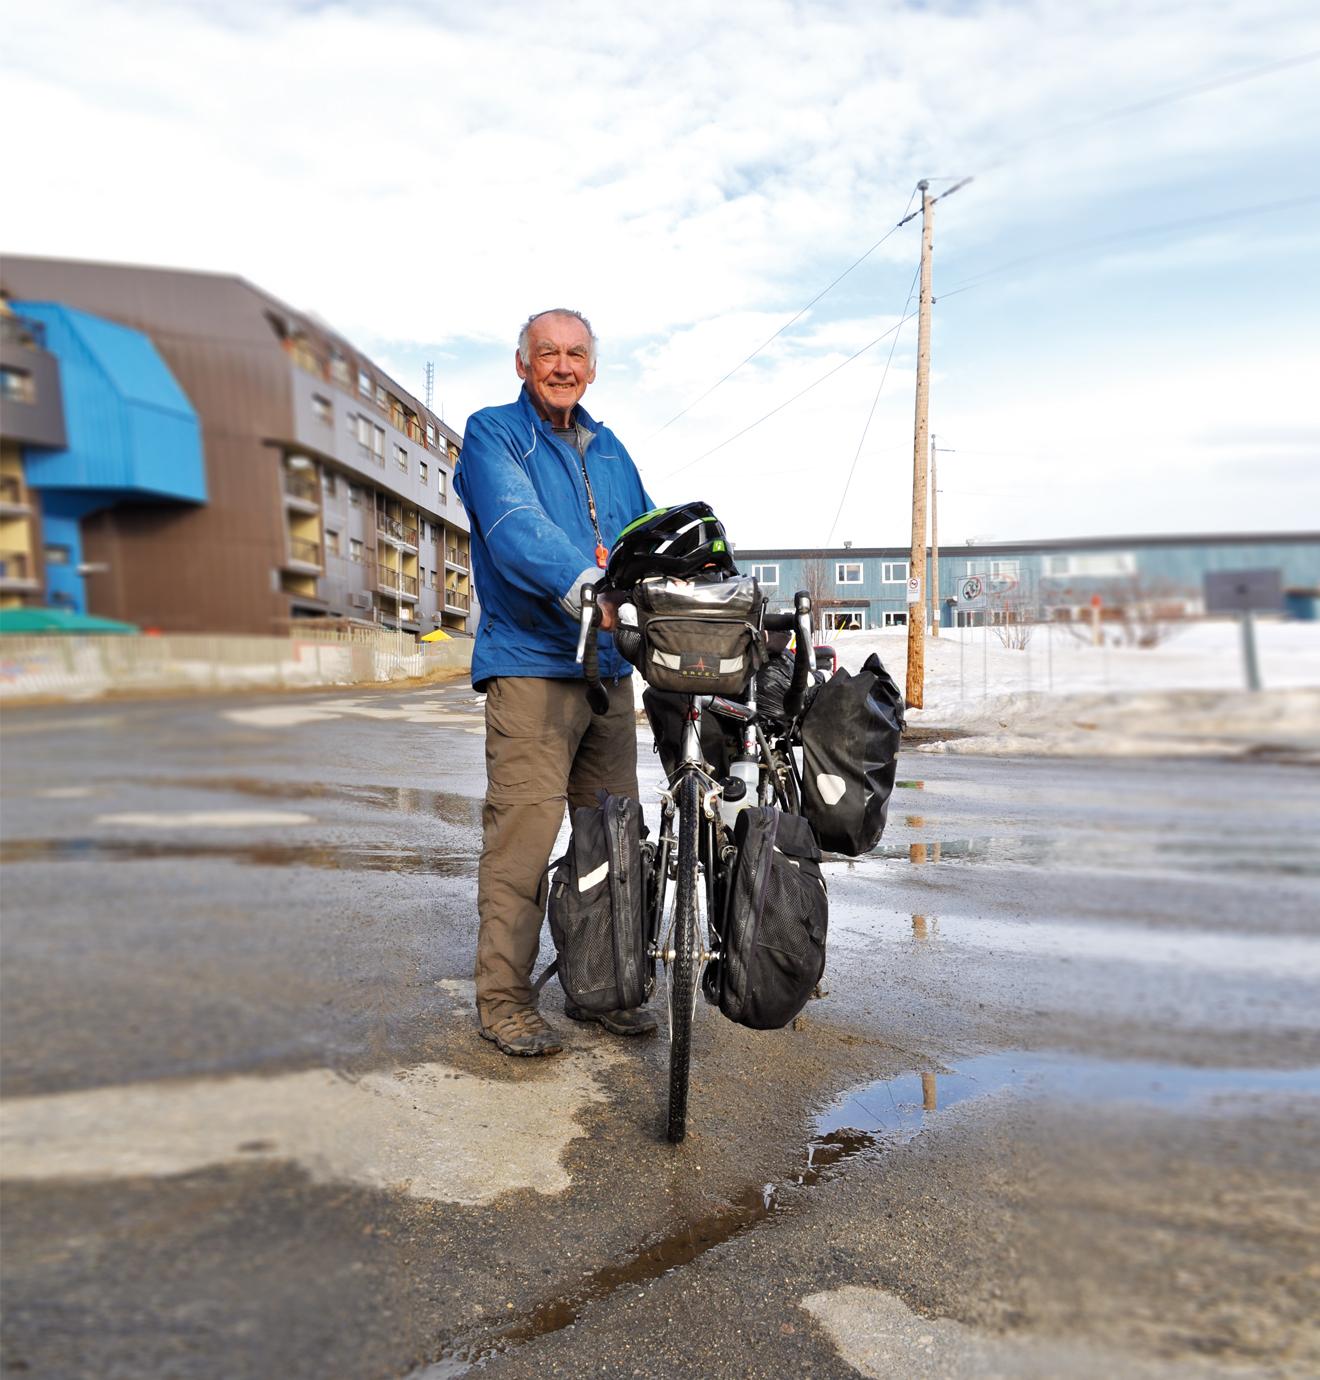 À 70 ans, Michel Beaudoin vit d'aventures et de dopamine